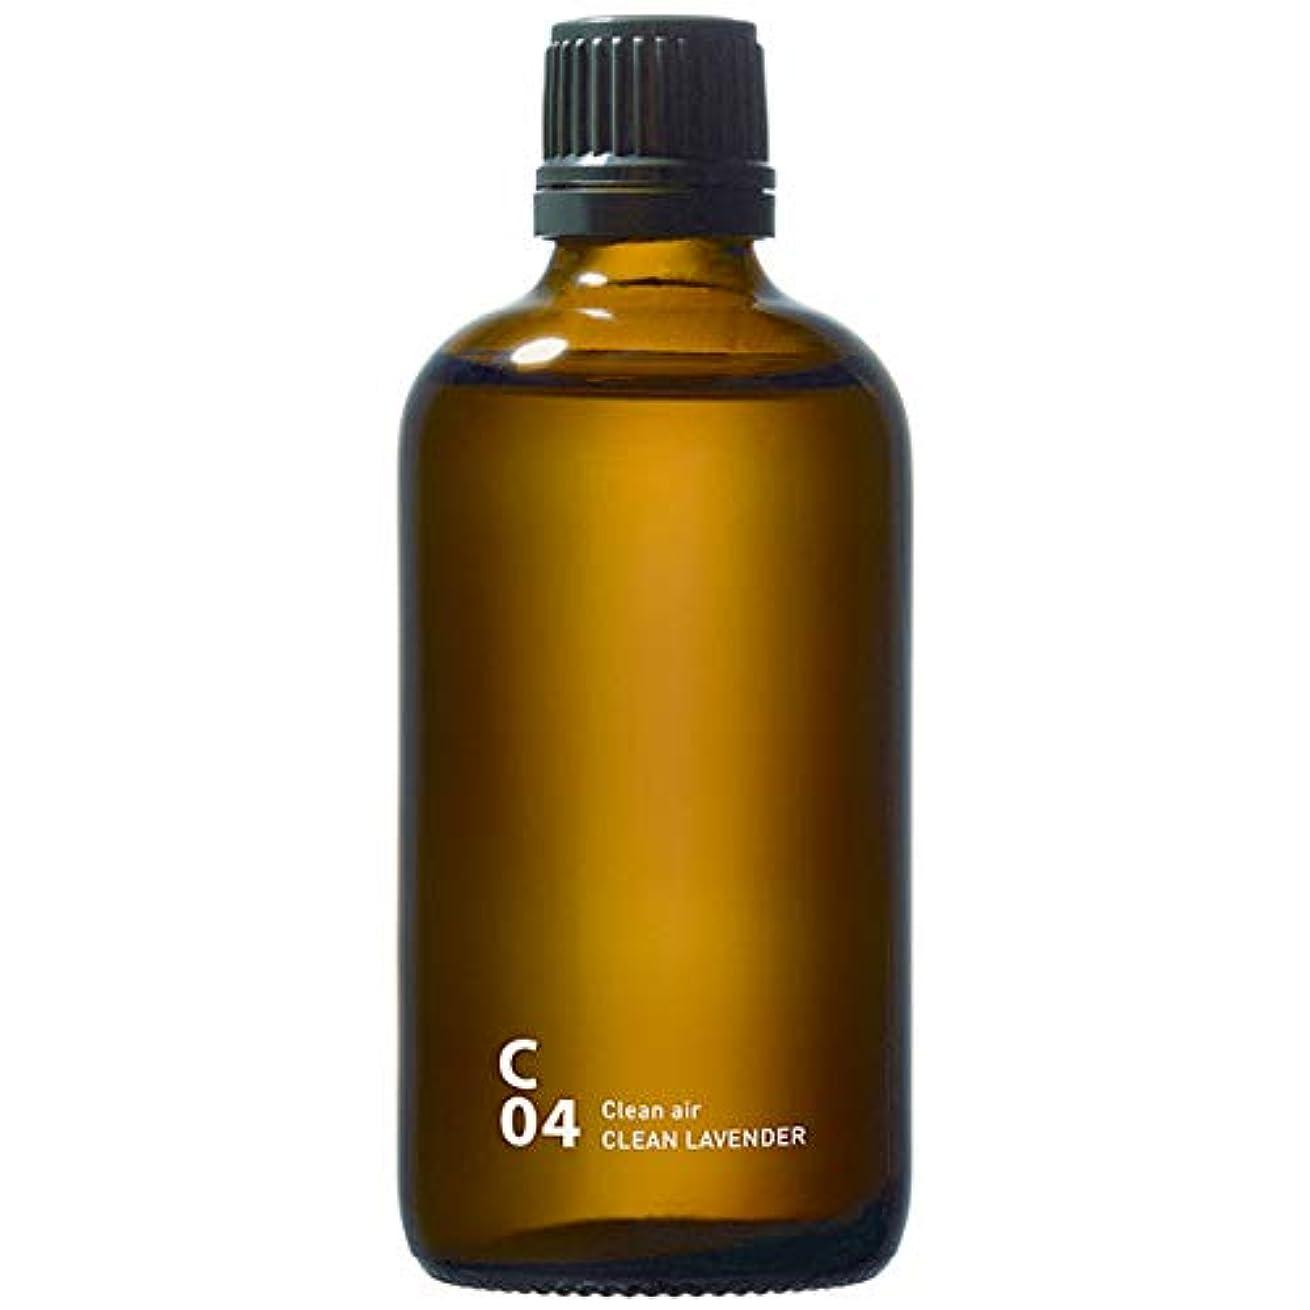 見物人ボックス競争C04 CLEAN LAVENDER piezo aroma oil 100ml